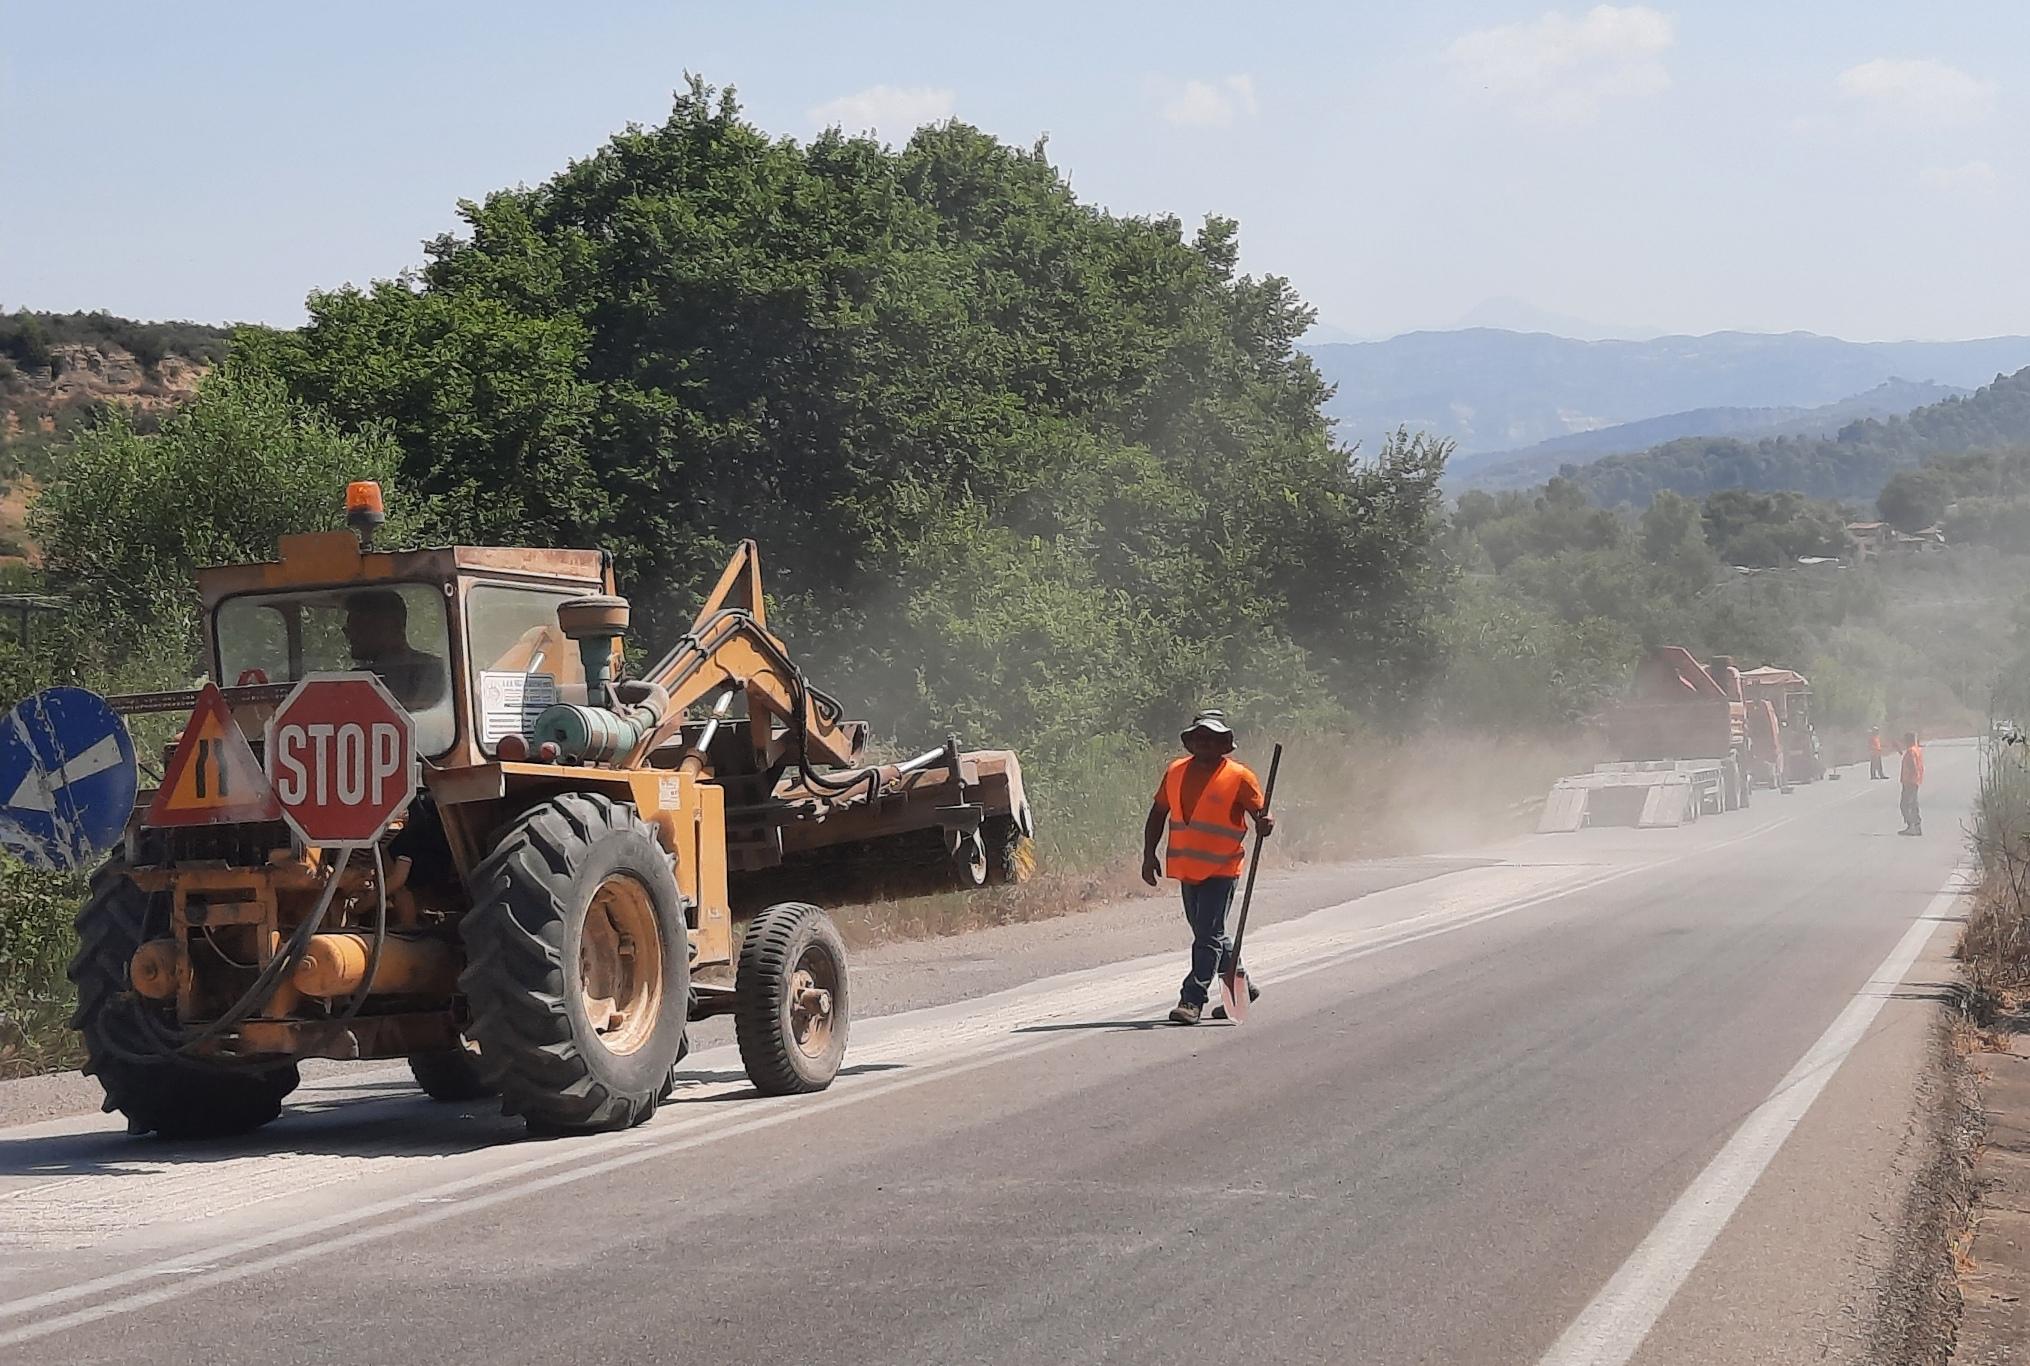 Π.Ε Ηλείας: Ολοκληρώνονται από τη Διεύθυνση Τεχνικών Έργων οι παρεμβάσεις αντιμετώπισης απρόβλεπτων προβλημάτων οδικής ασφάλειας (photos)